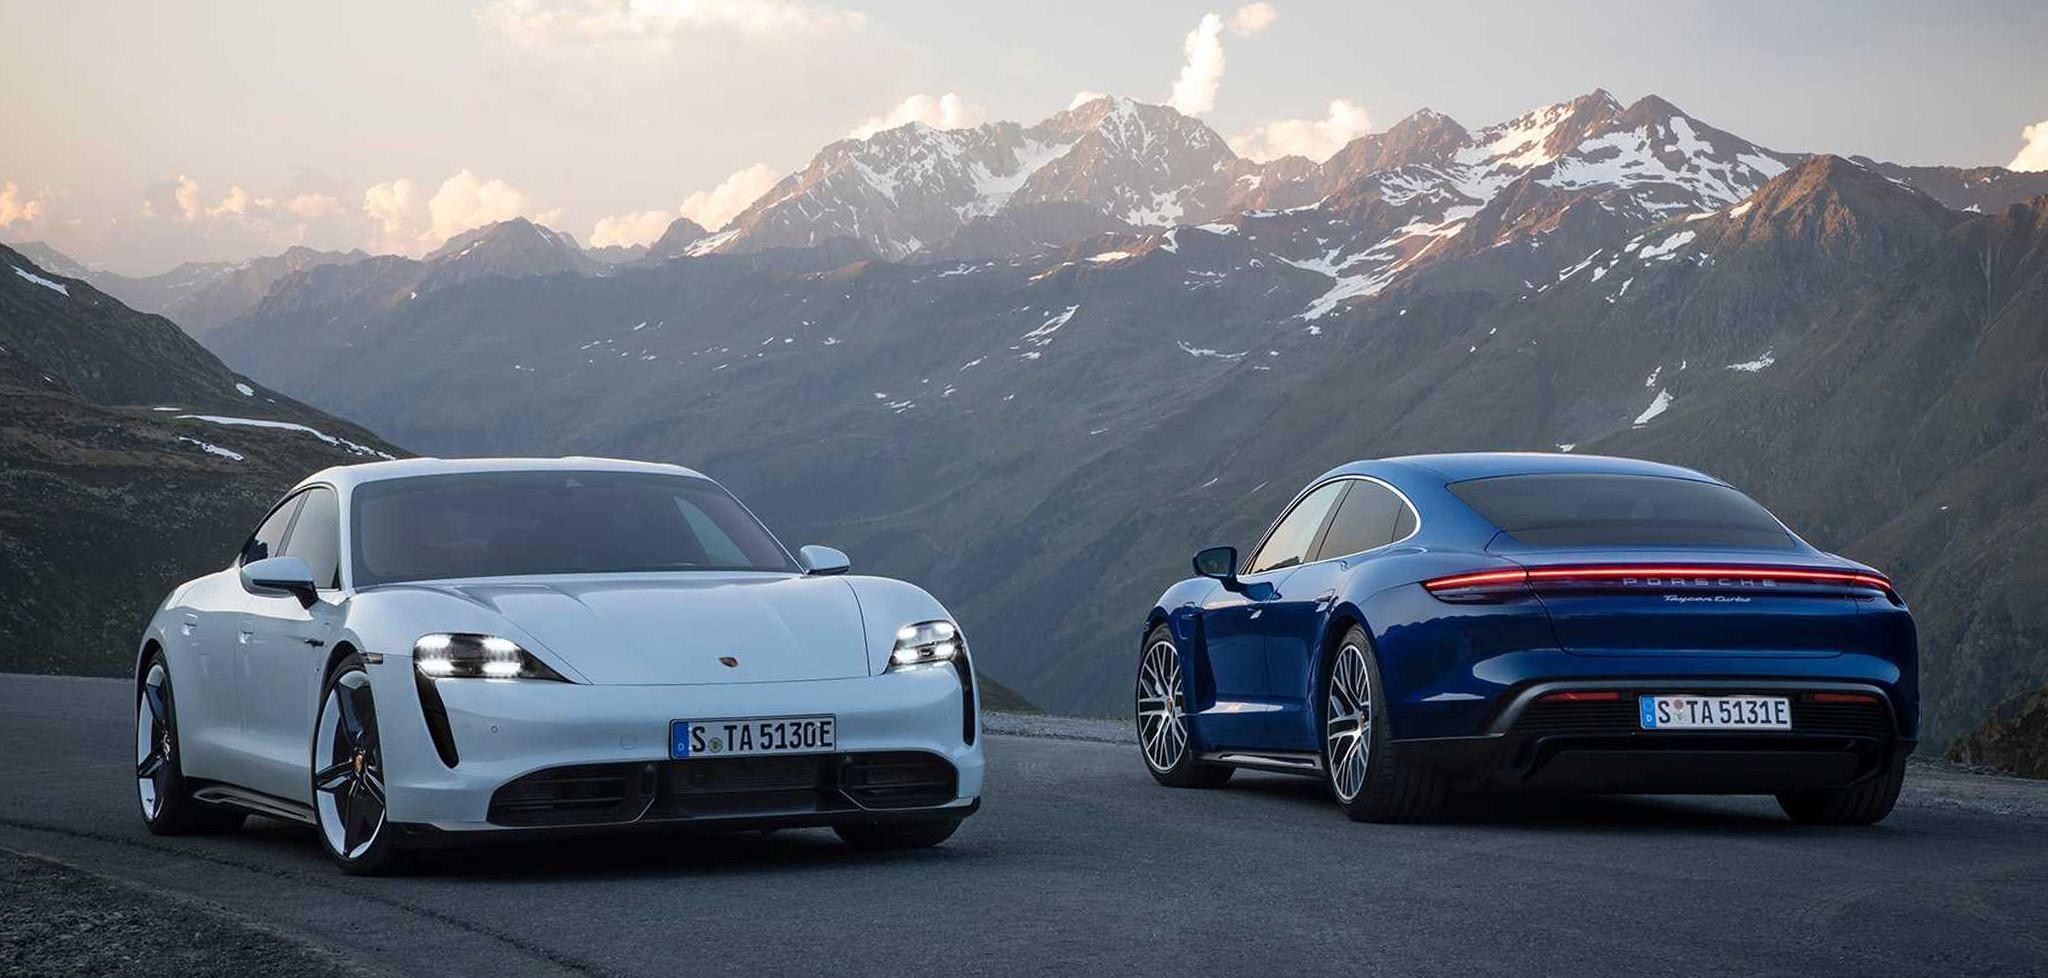 Porsche Taycan bắt đầu được sản xuất từ hôm nay